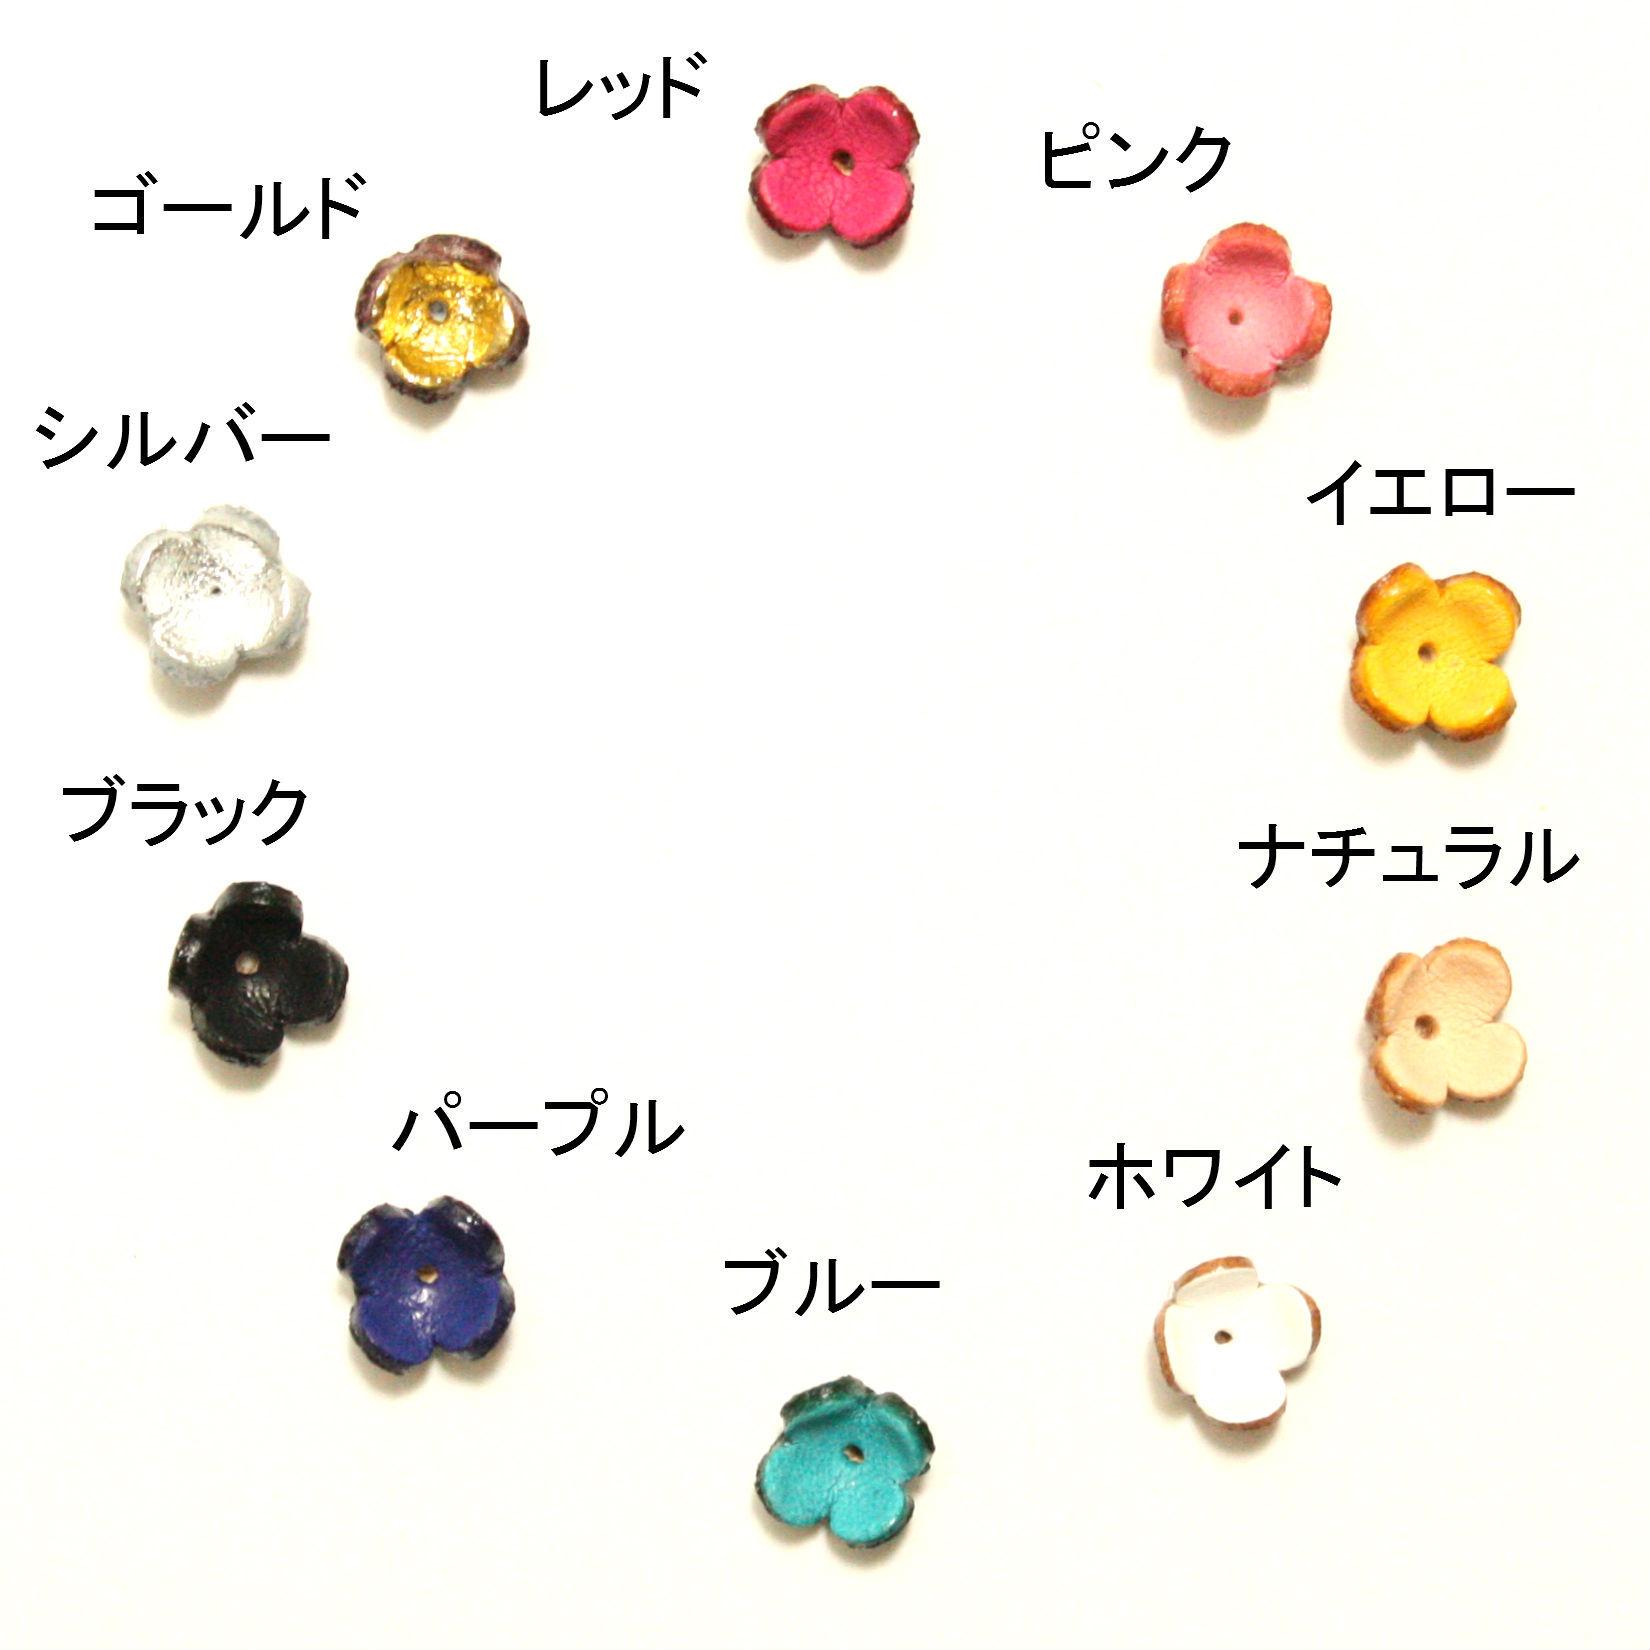 【フラワーレザーパーツ】クローバーSS(ピンなしタイプ)